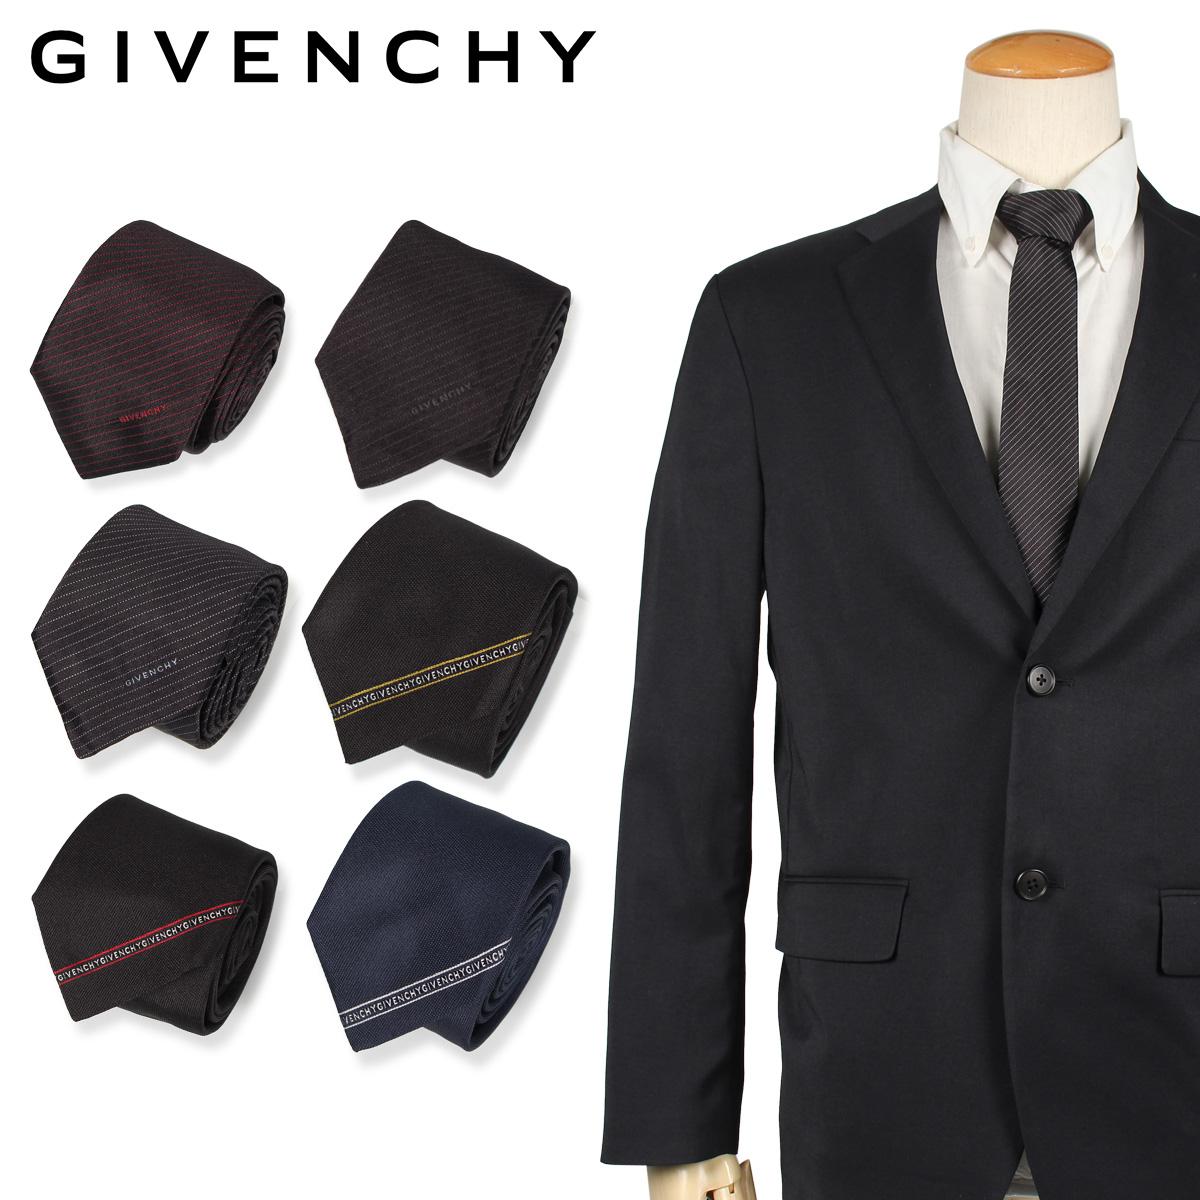 GIVENCHY ジバンシー ネクタイ メンズ イタリア製 シルク ビジネス 結婚式 ブラック ネイビー 黒